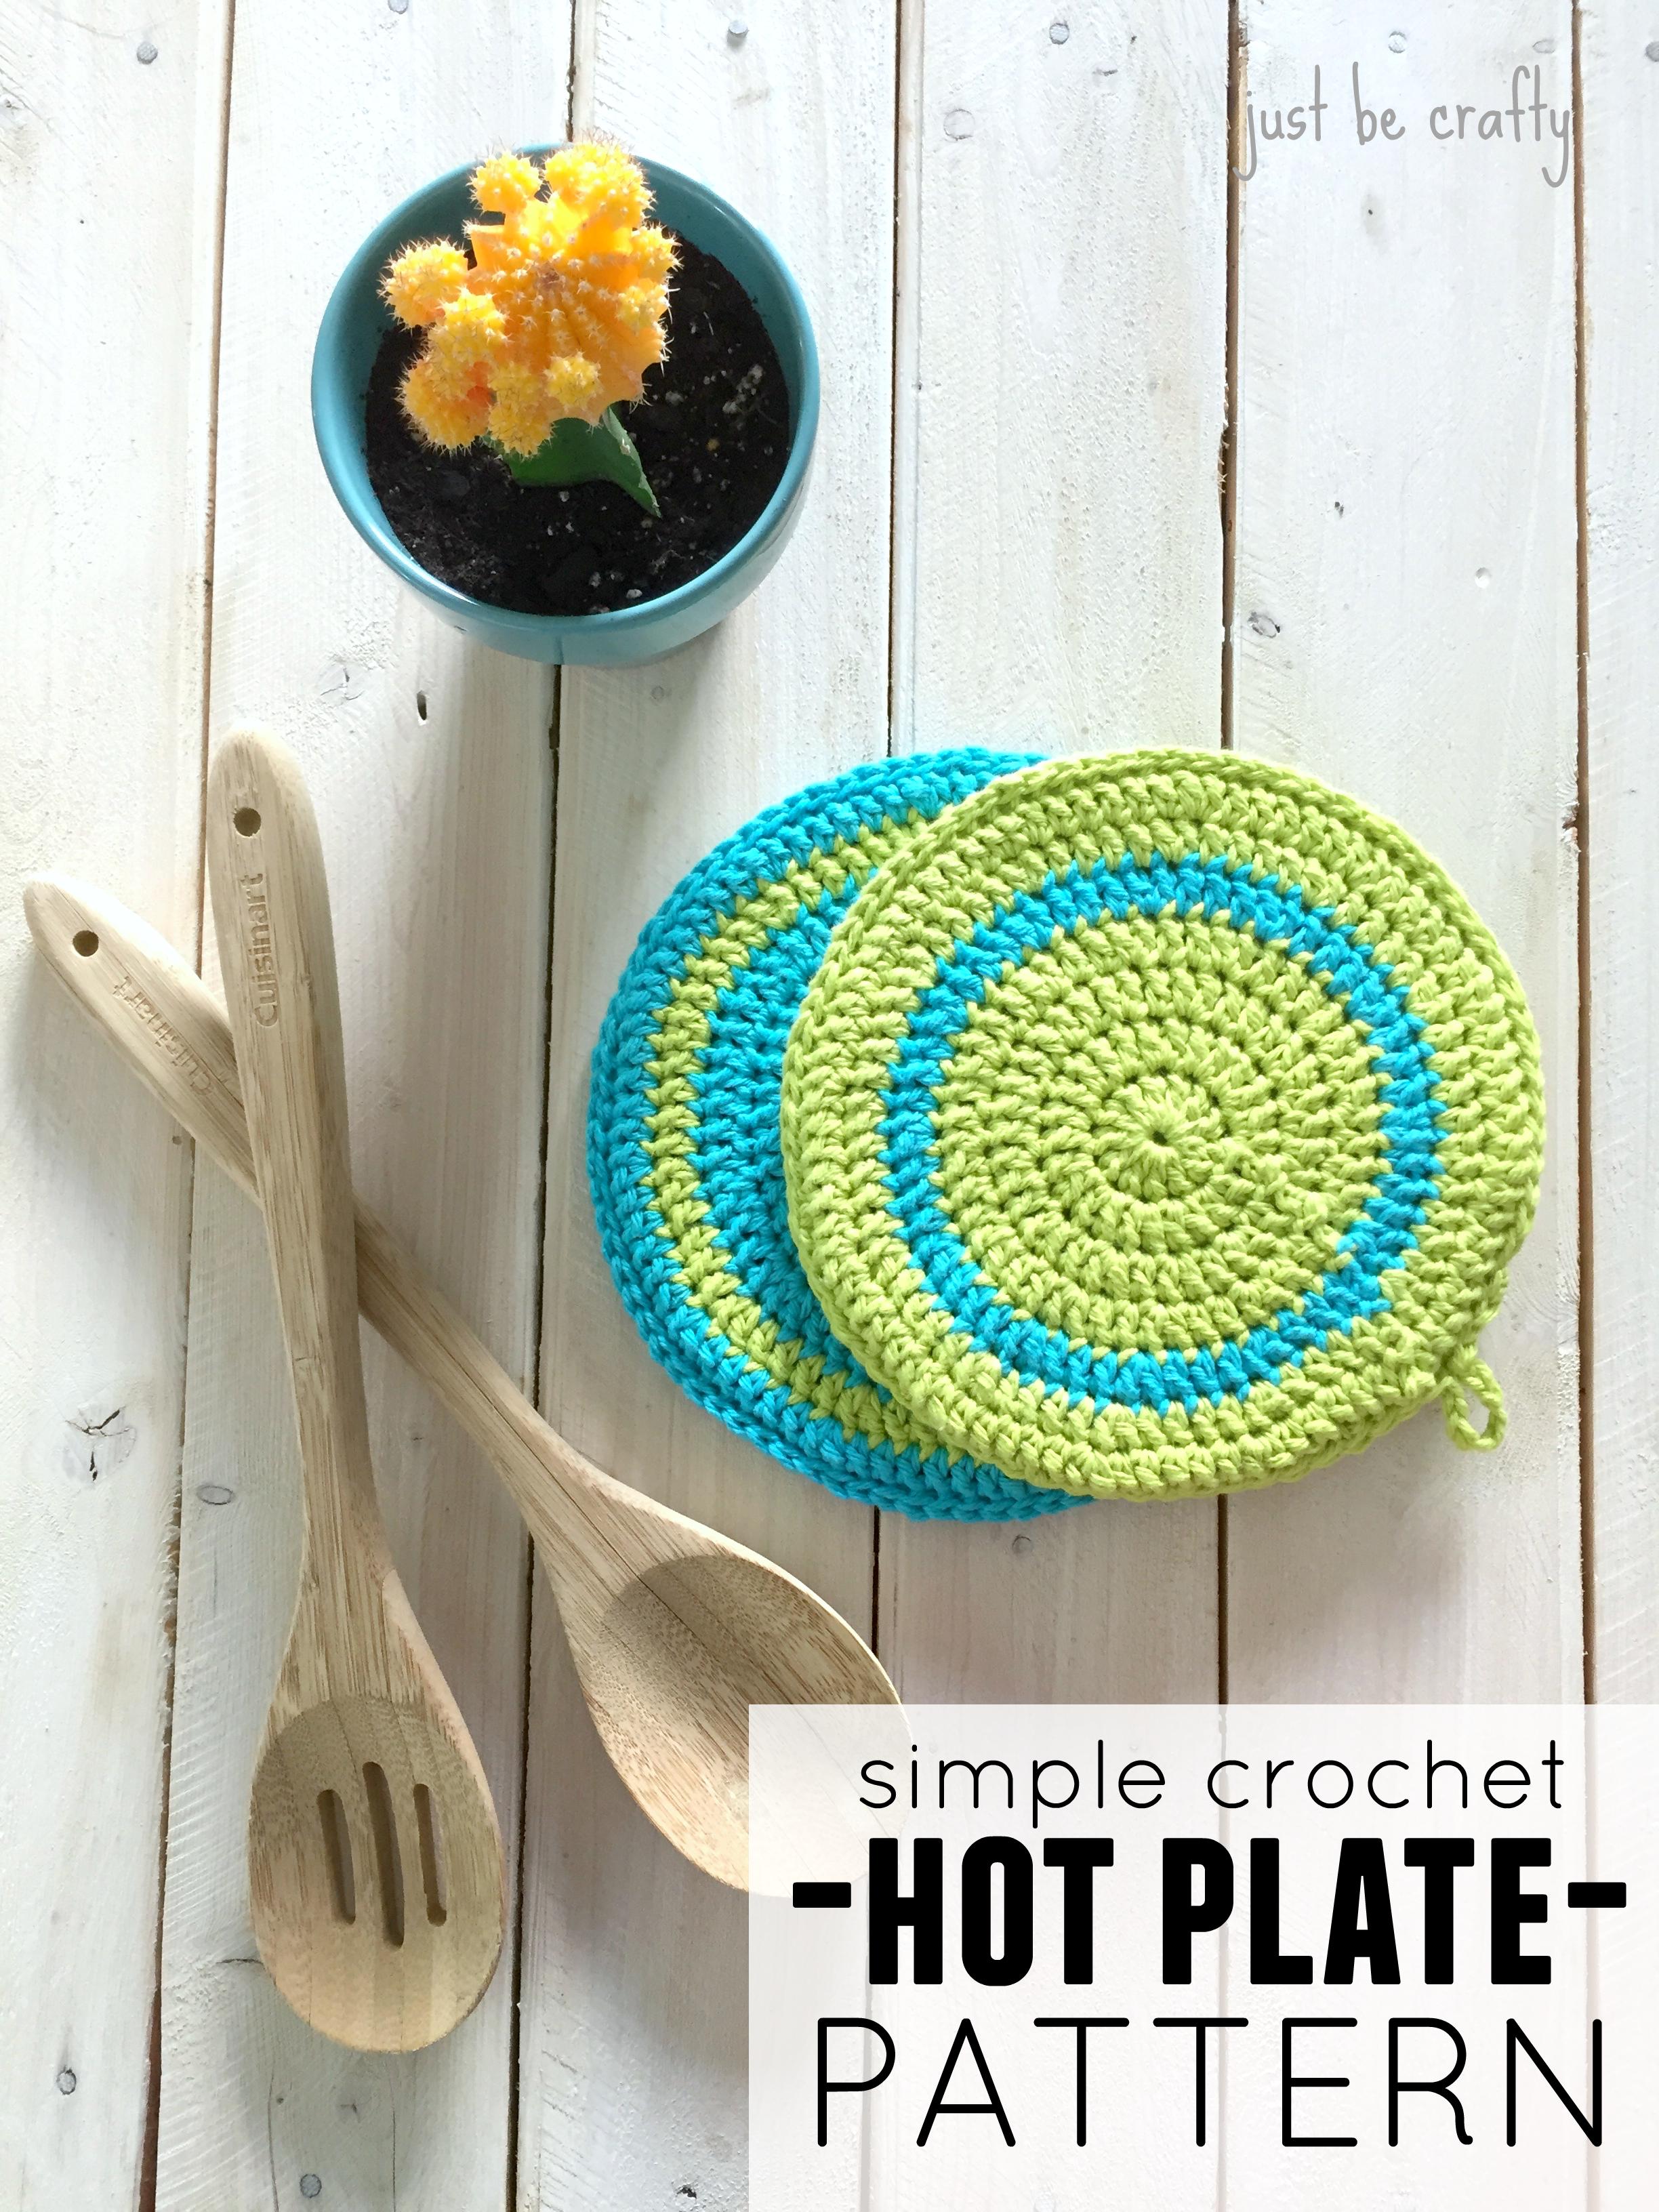 Simple Crochet Hot Plate Pattern